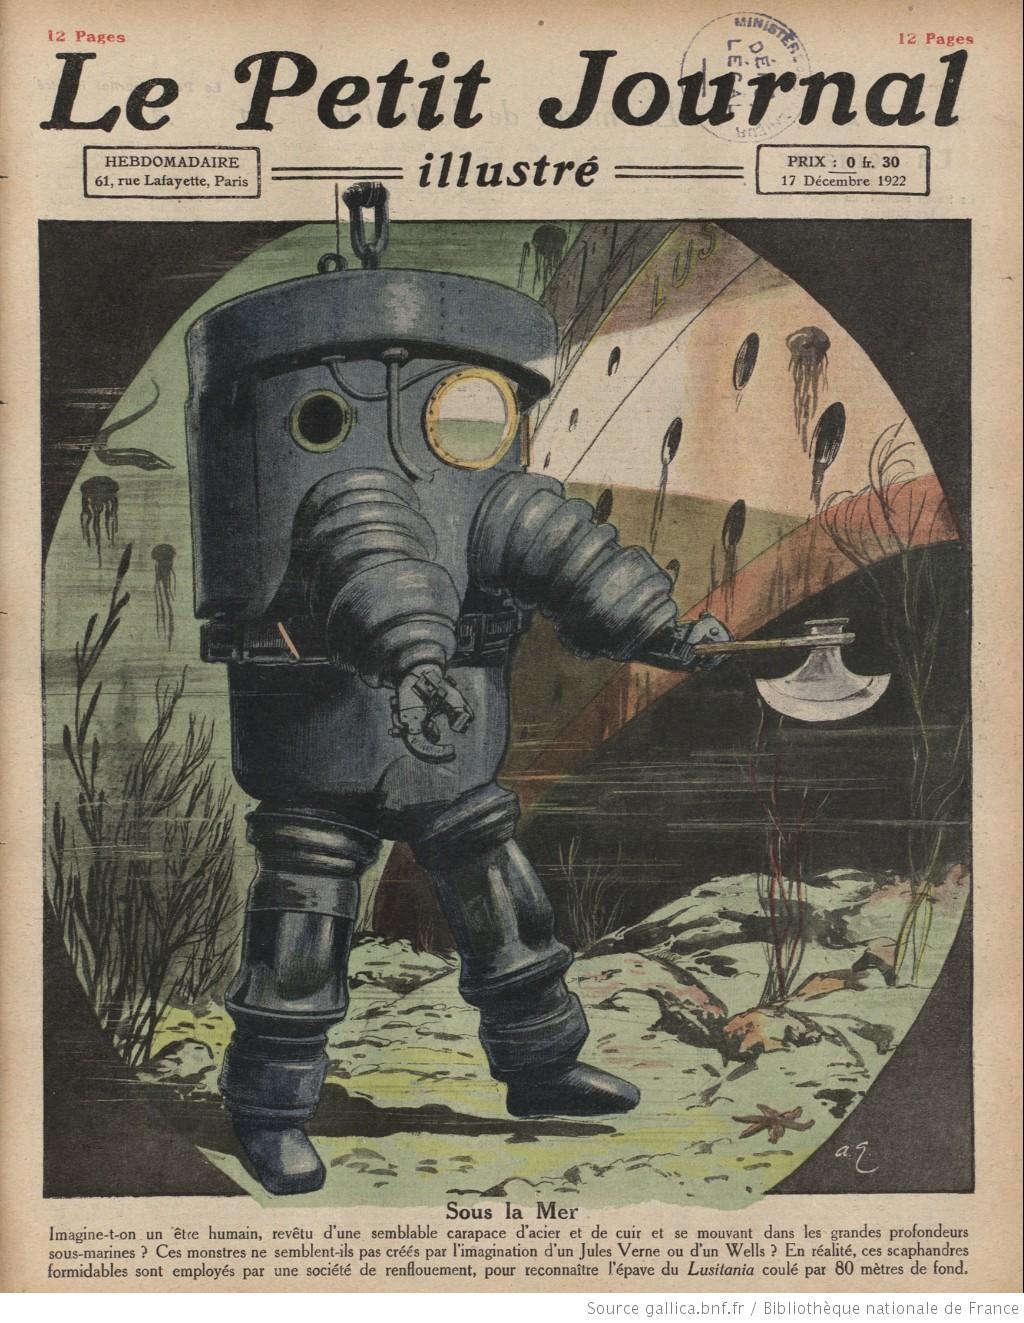 Người xưa đã tưởng tượng ra việc con người khoác lên mình những bộ áo bằng thép và đồng, lặn xuống độ sâu 80m dưới đáy biển để phục vụ nghiên cứu trục vớt con tàu Lusitania bị đắm năm 1915.